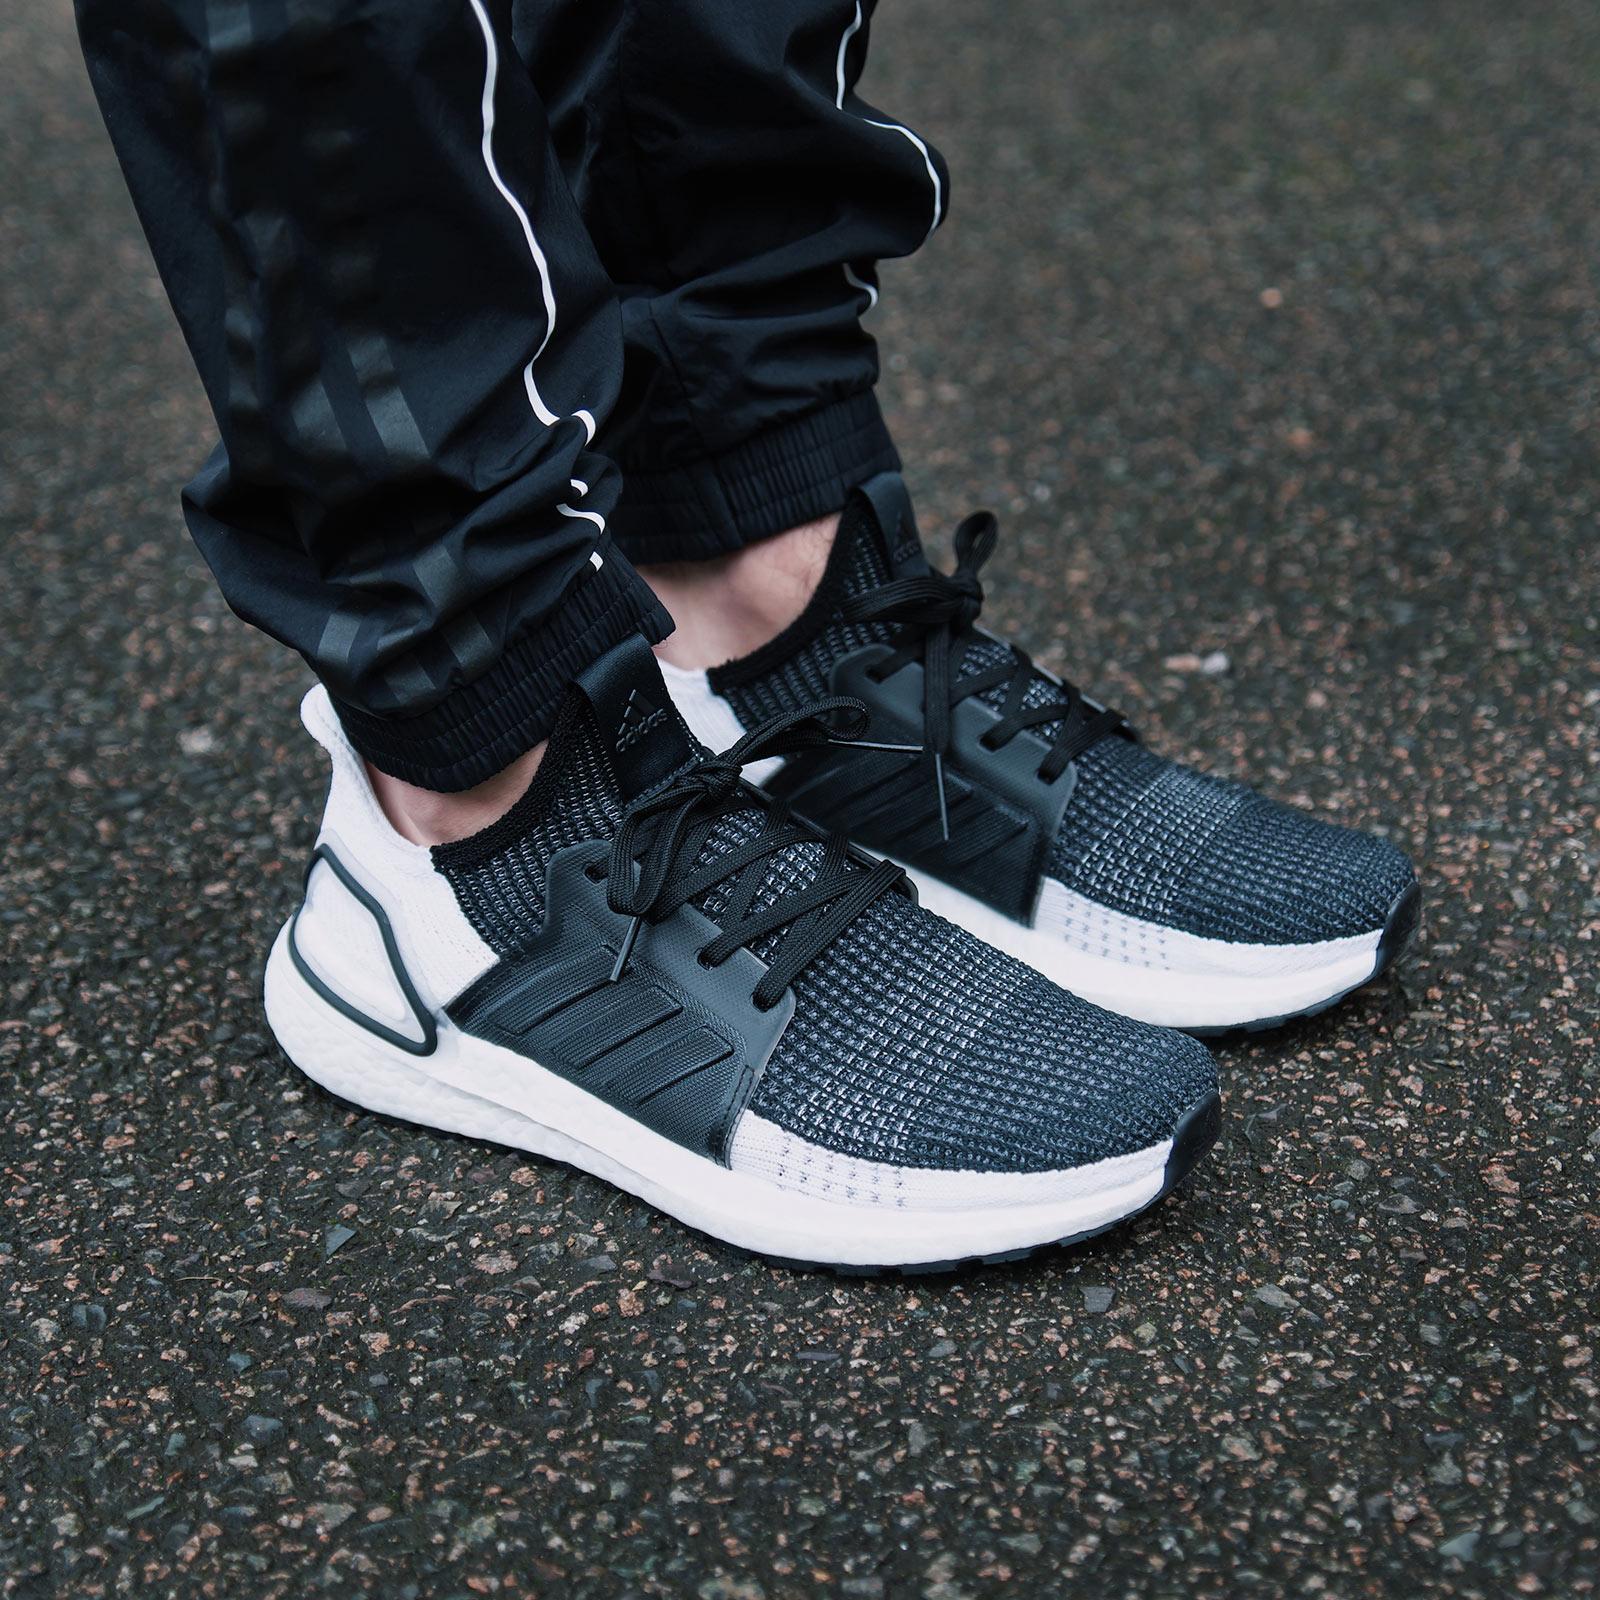 adidas Ultraboost 19 W B75879 Sneakersnstuff   sneakers